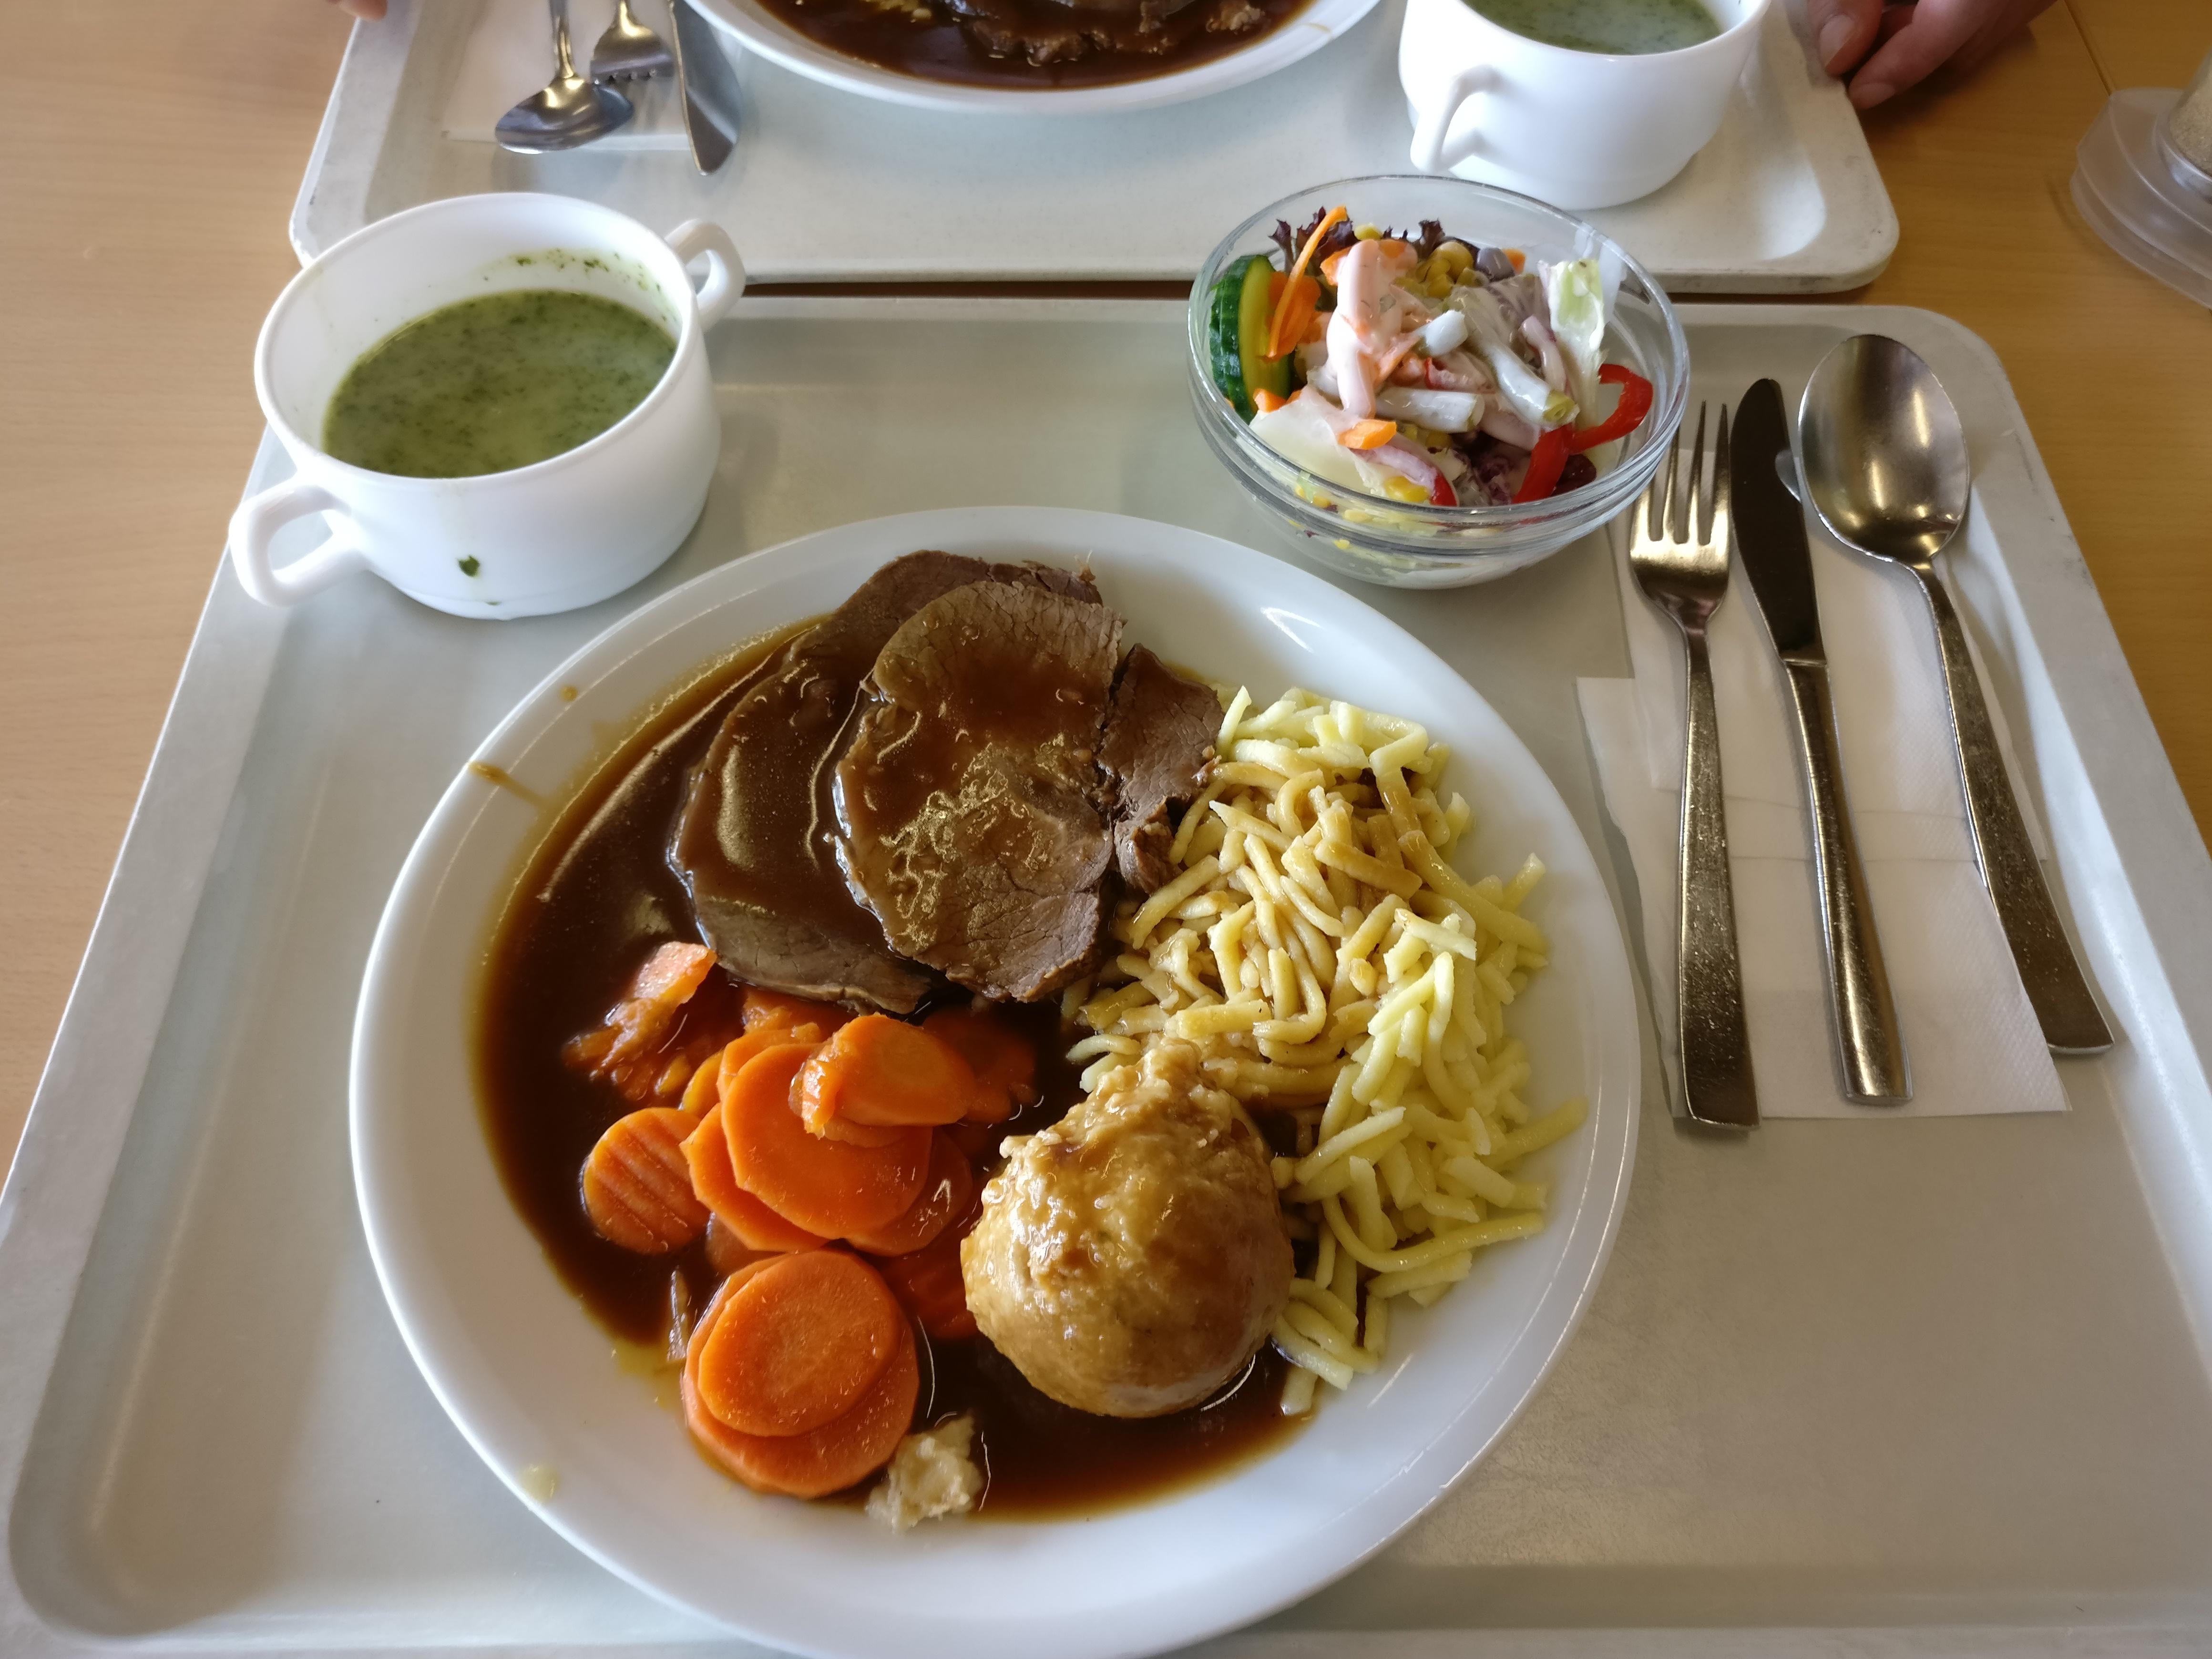 http://foodloader.net/nico_2017-05-31_rinderbraten-burgunder-art-spaetzle-knoedel-karotten-suppe-salat.jpg